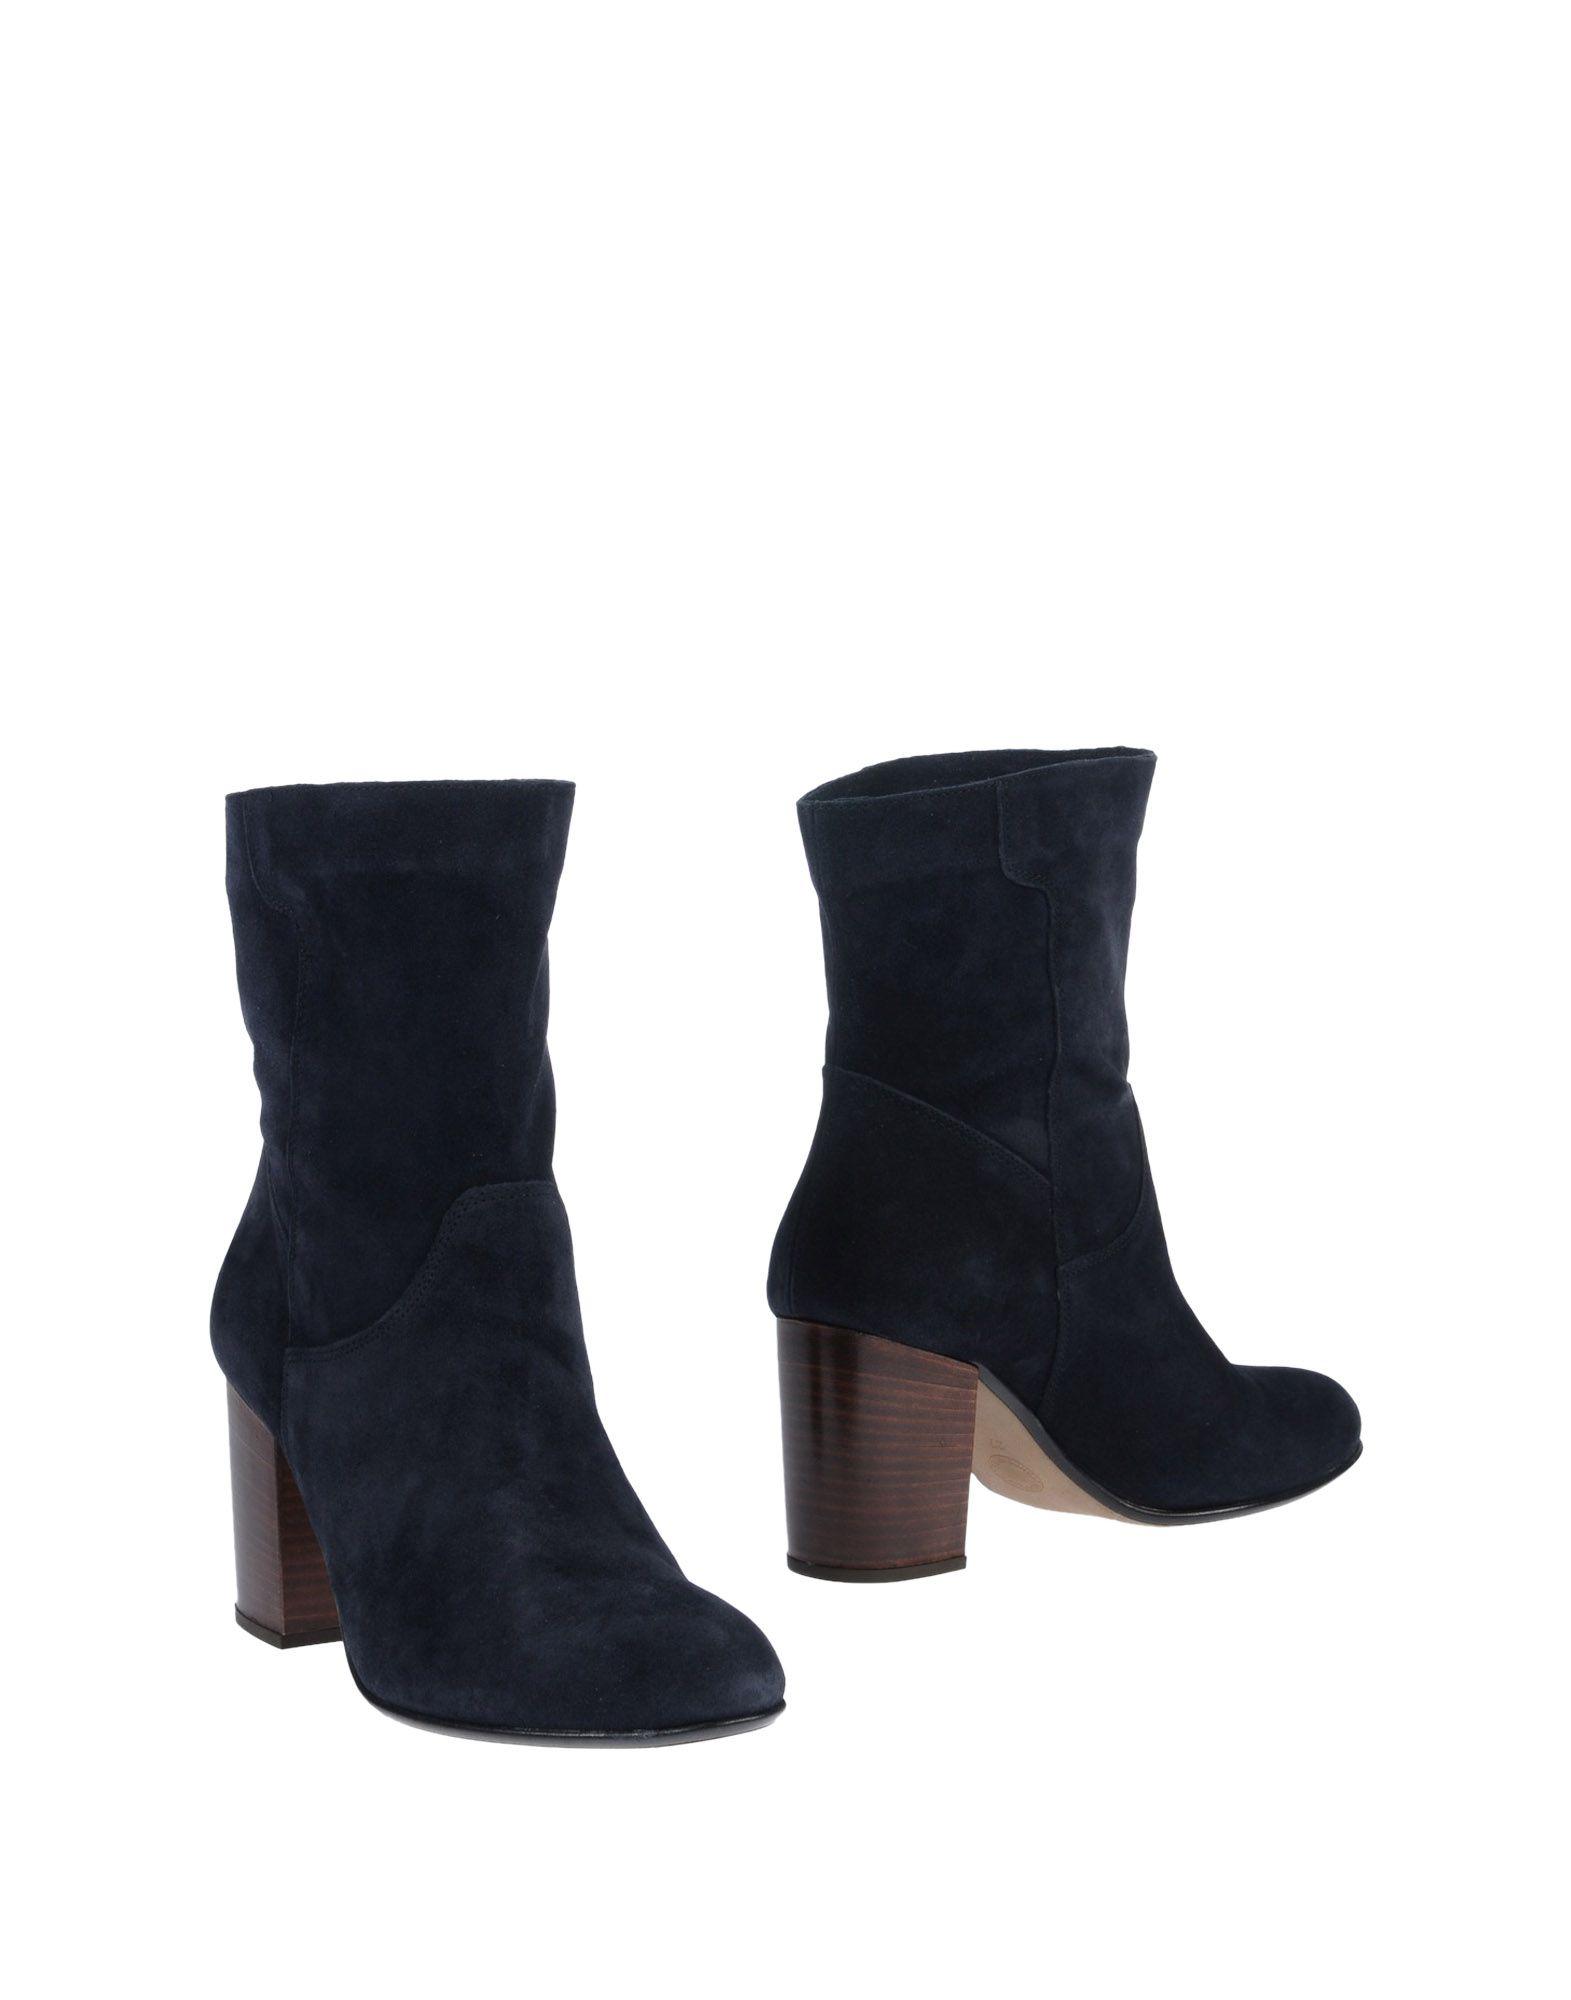 Bagatt Stiefelette Damen  11412695VV Gute Qualität beliebte Schuhe